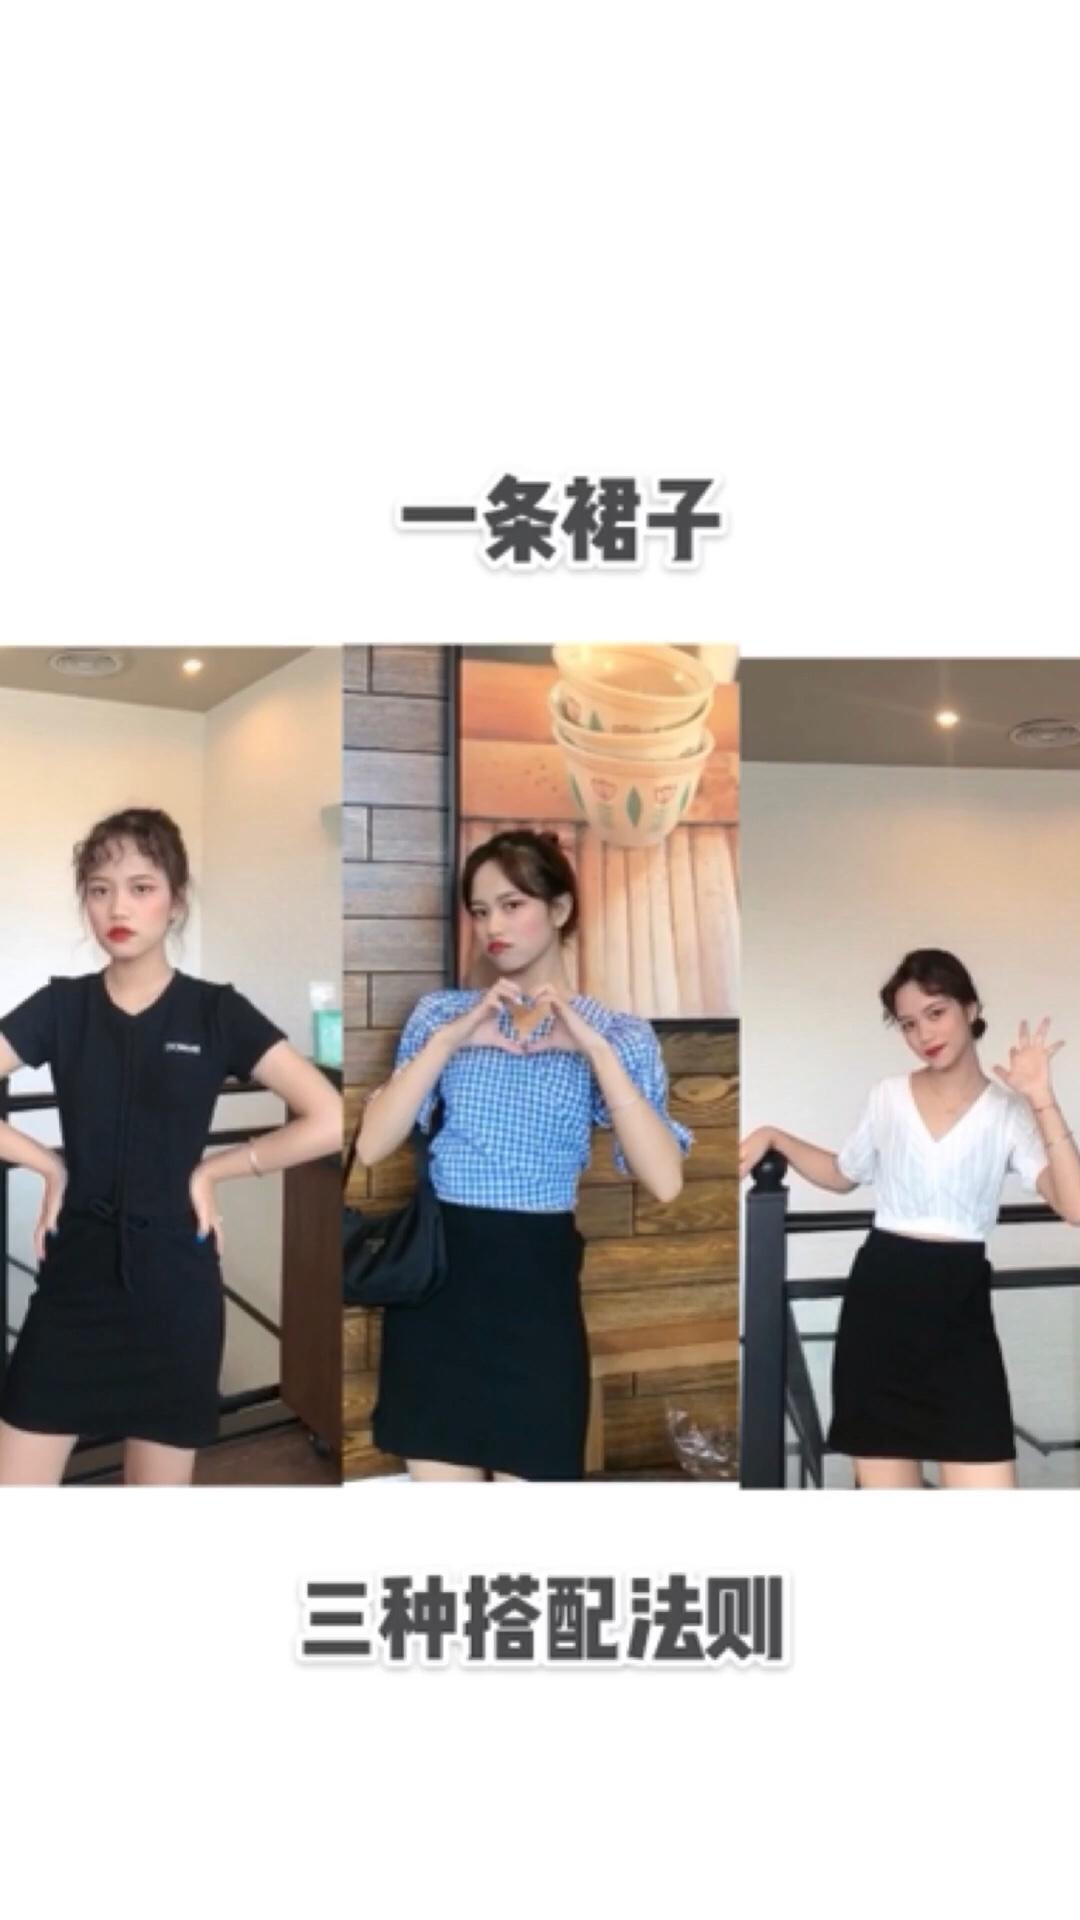 一条裙子三种搭配 我的分别搭配 黑色 蓝色格子 白色 都比较短款的上衣 这样视觉上感觉会显高显瘦很多 酷酷的 淑女的 气质的 七夕跟我一起学穿搭吧 #偶像剧上头,穿出言情女主?#